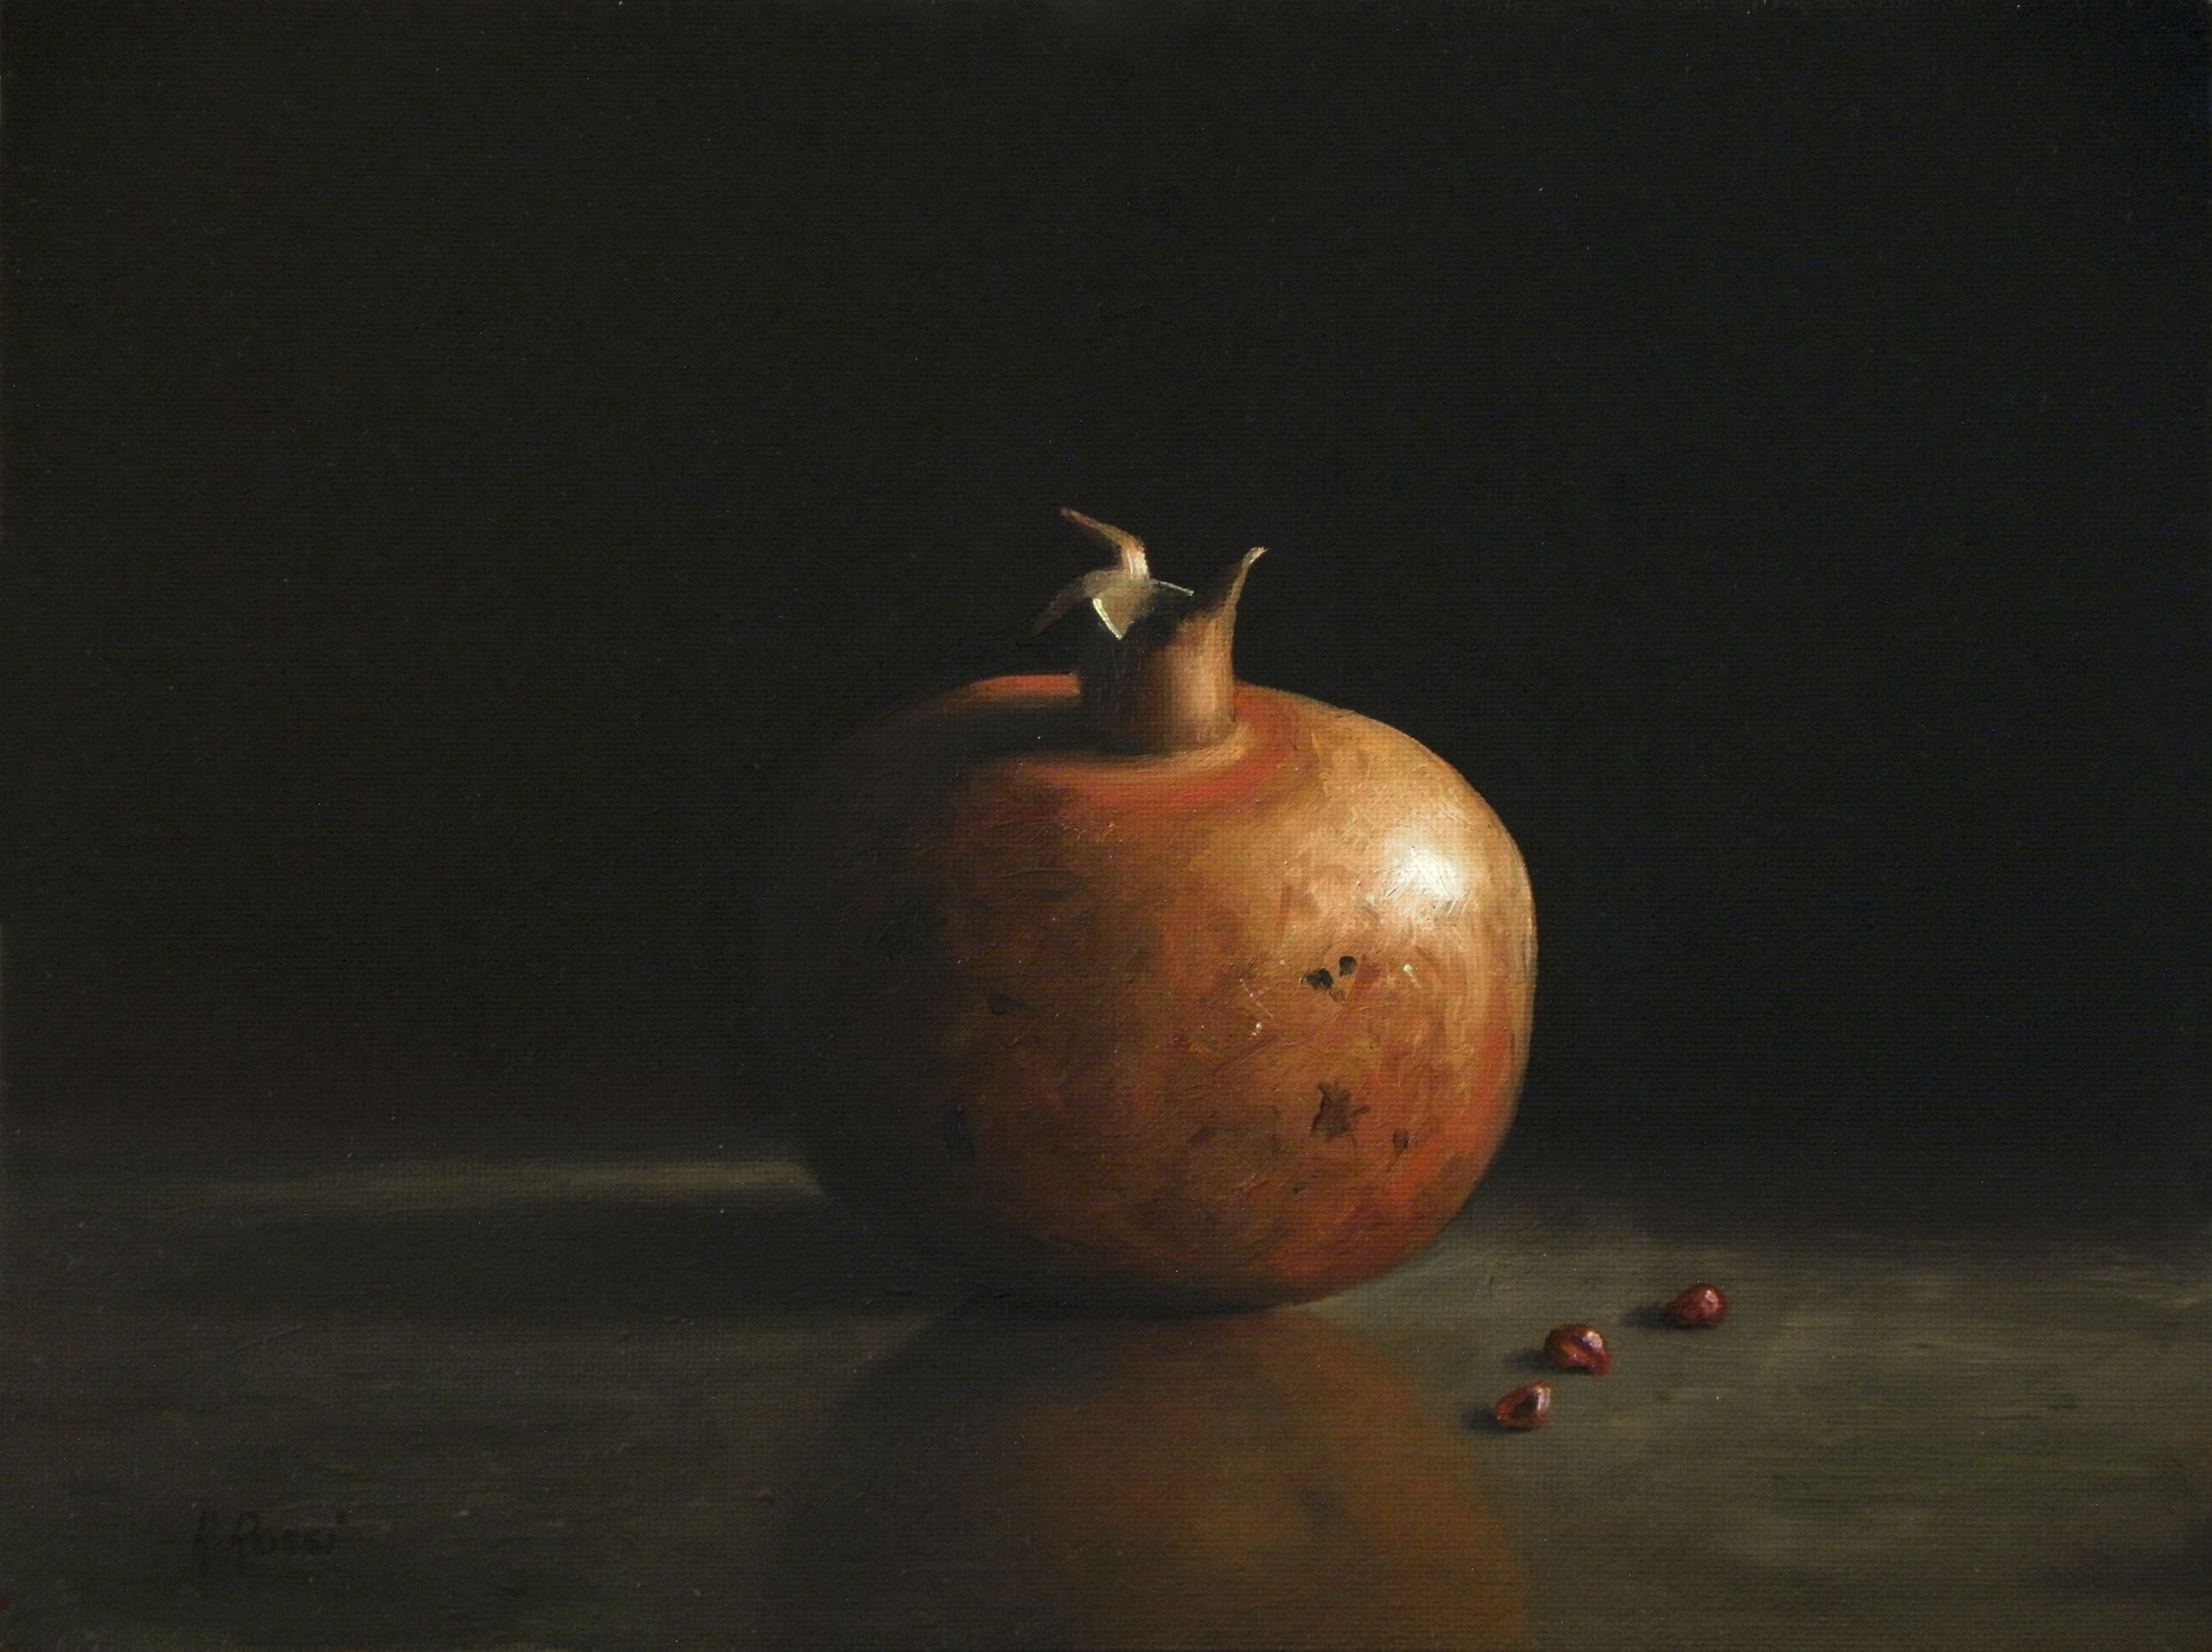 2014 roberta rossi - Frutto e semi - olio su tavola - 18 x 24